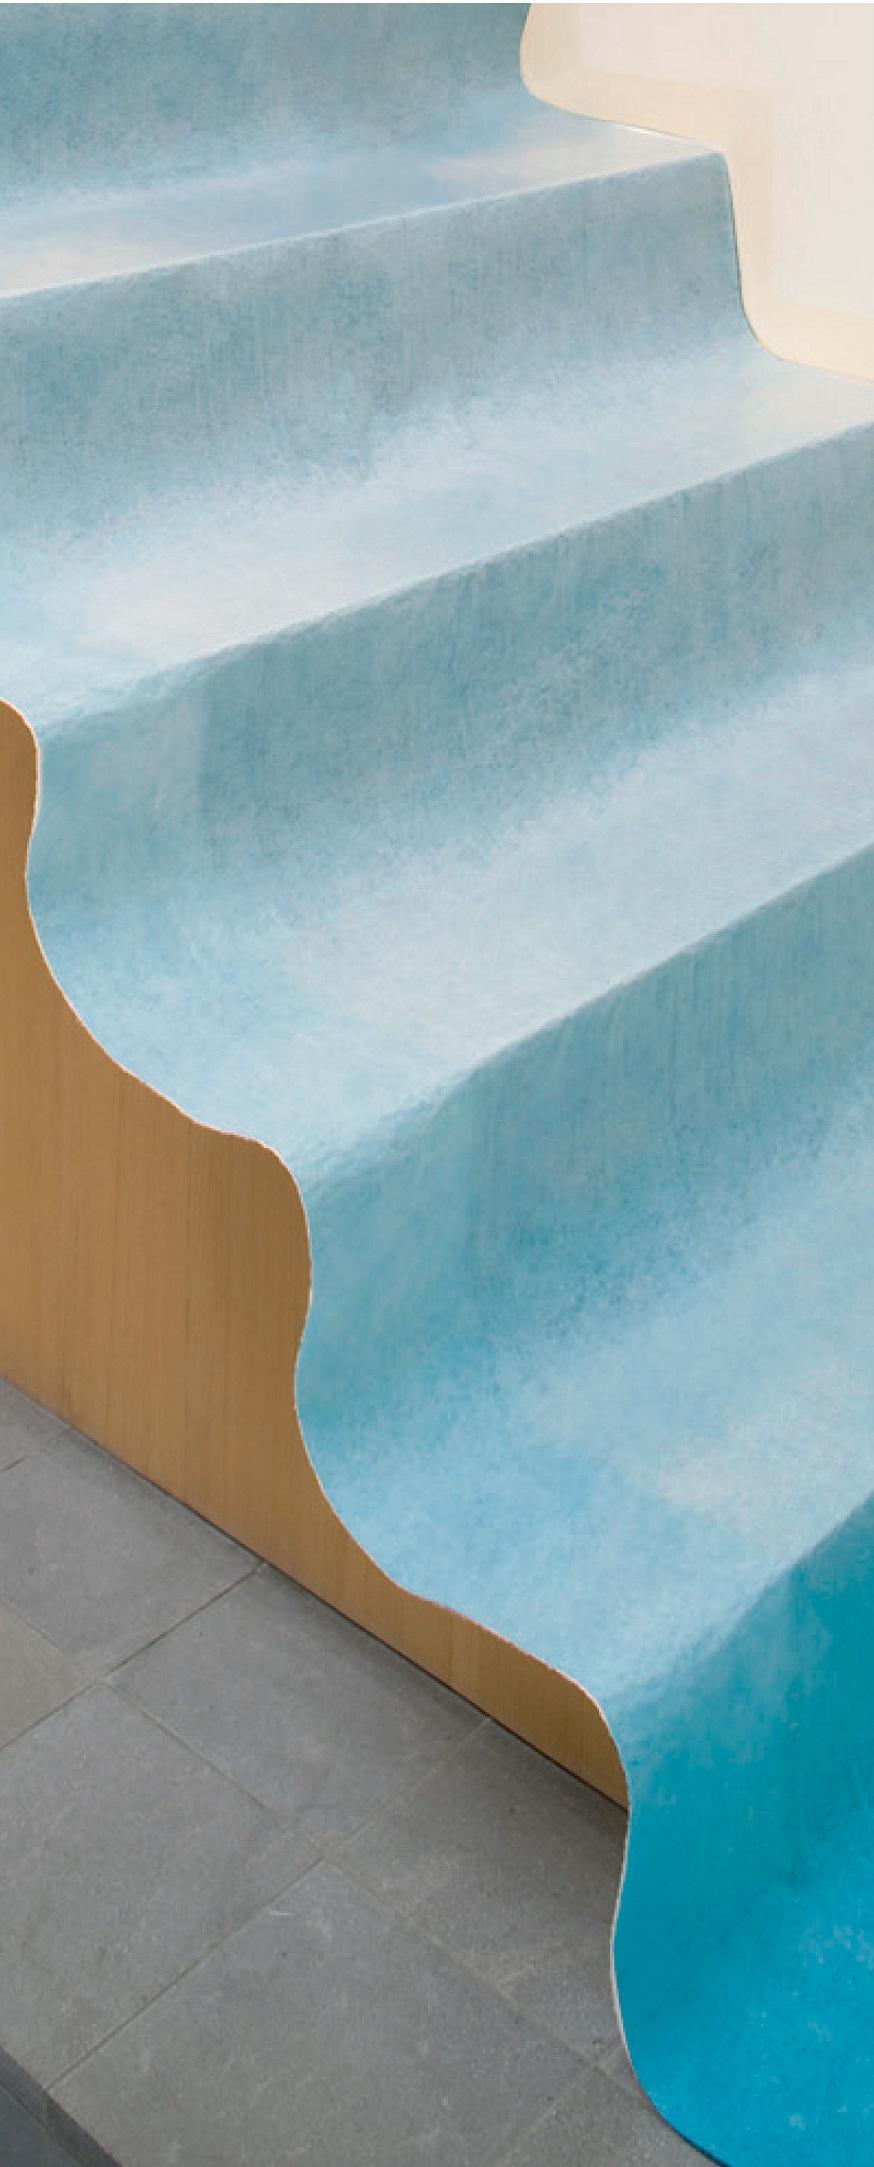 Polyprotec assure une adhérence optimale, grâce à sa fibre auto-adhésive qui permet de la poser aussi bien sur les sols que sur les marches d'escaliers